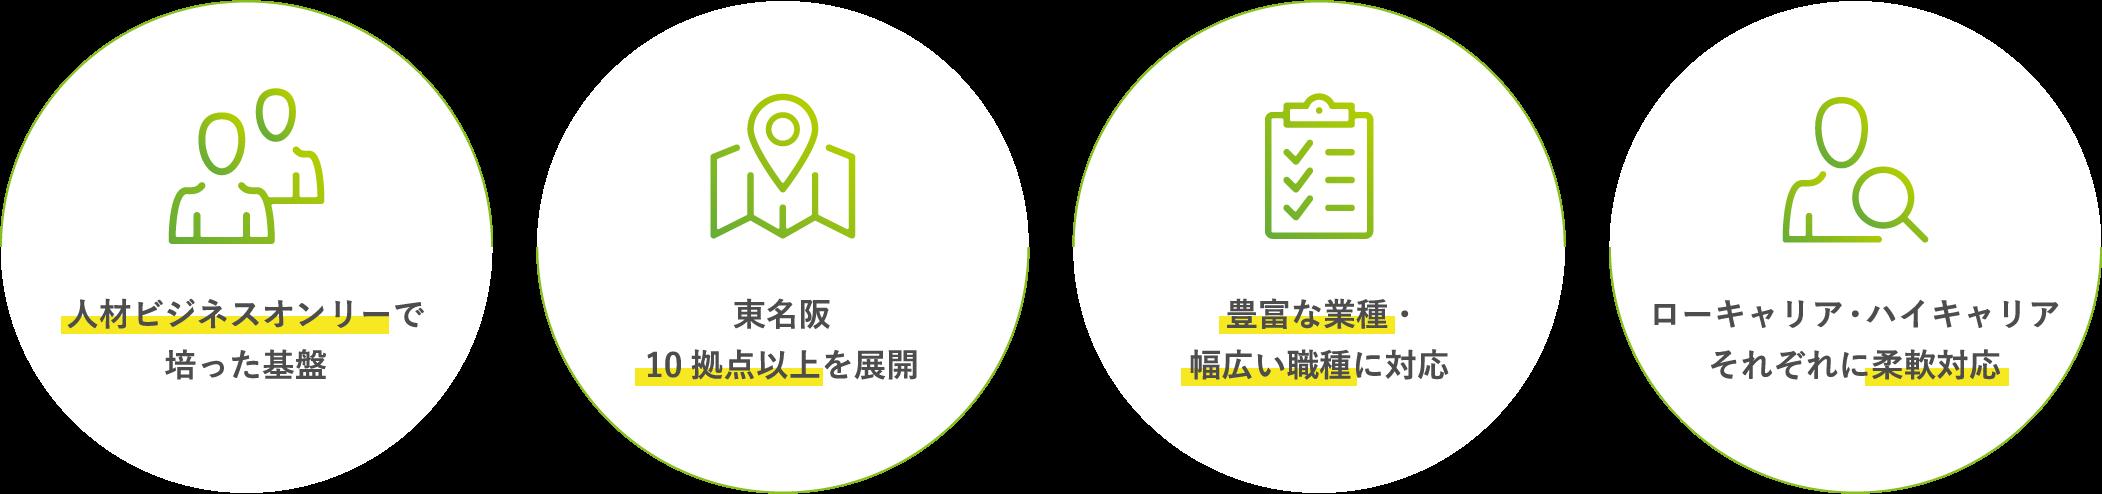 人材ビジネスオンリーで 培った基盤 / 東名阪10拠点以上を展開 / 豊富な業種・幅広い職種に対応 / ローキャリア・ハイキャリアそれぞれに柔軟対応